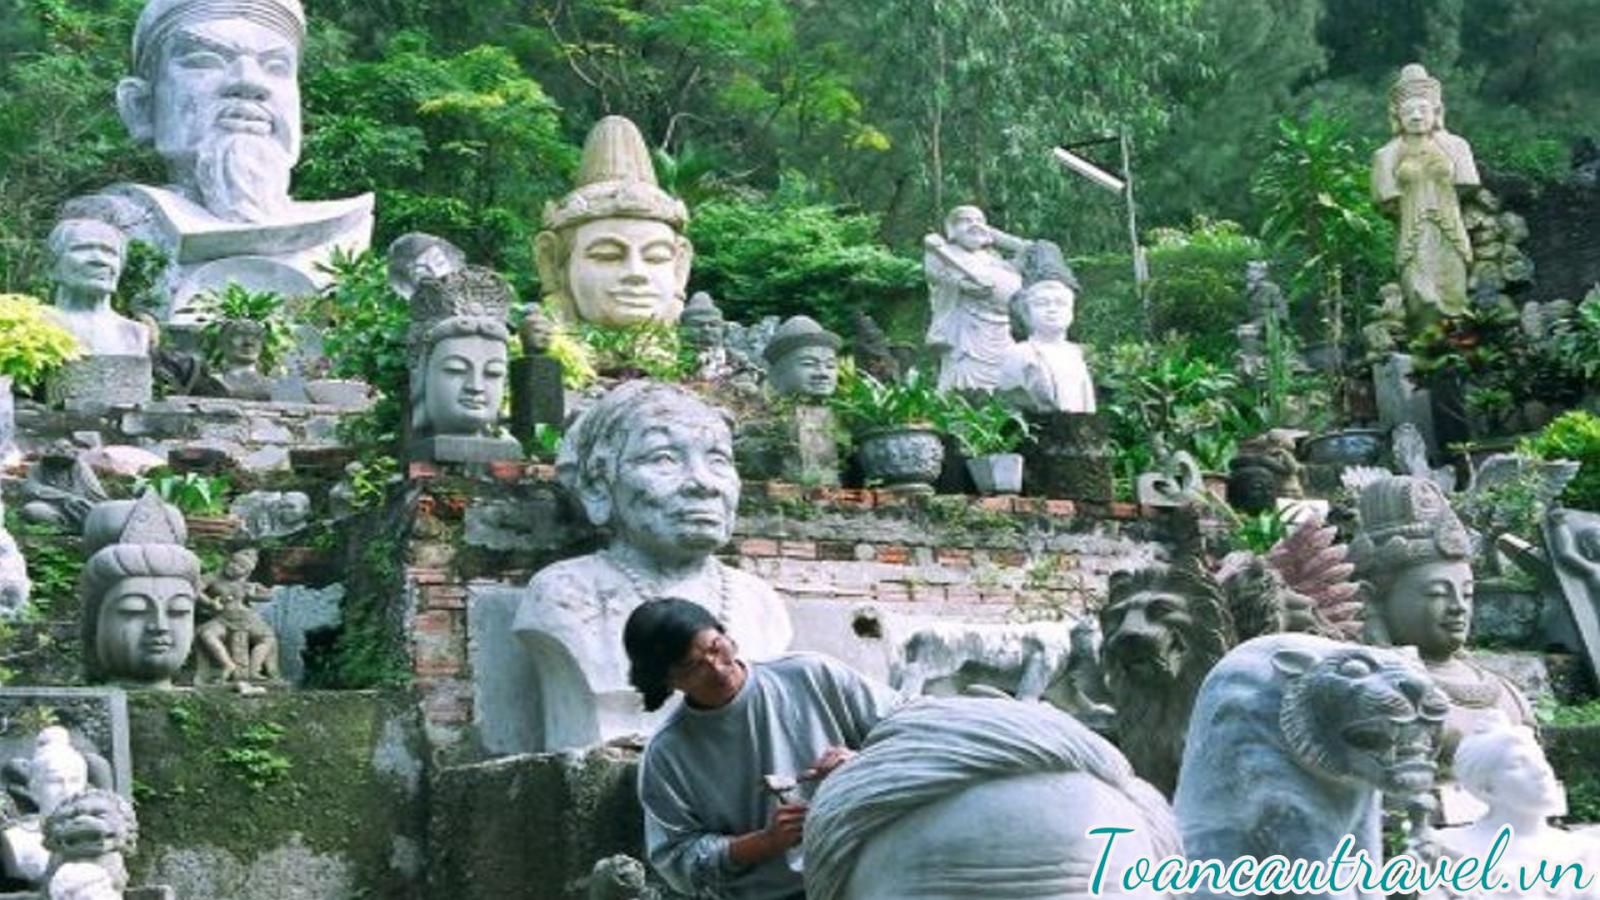 chiêm ngưỡng các kiệt tác điêu khắc đá tinh xảo được tạo ra từ bàn tay tài hoa của các nghệ nhân làng đá Non Nước dưới chân núi